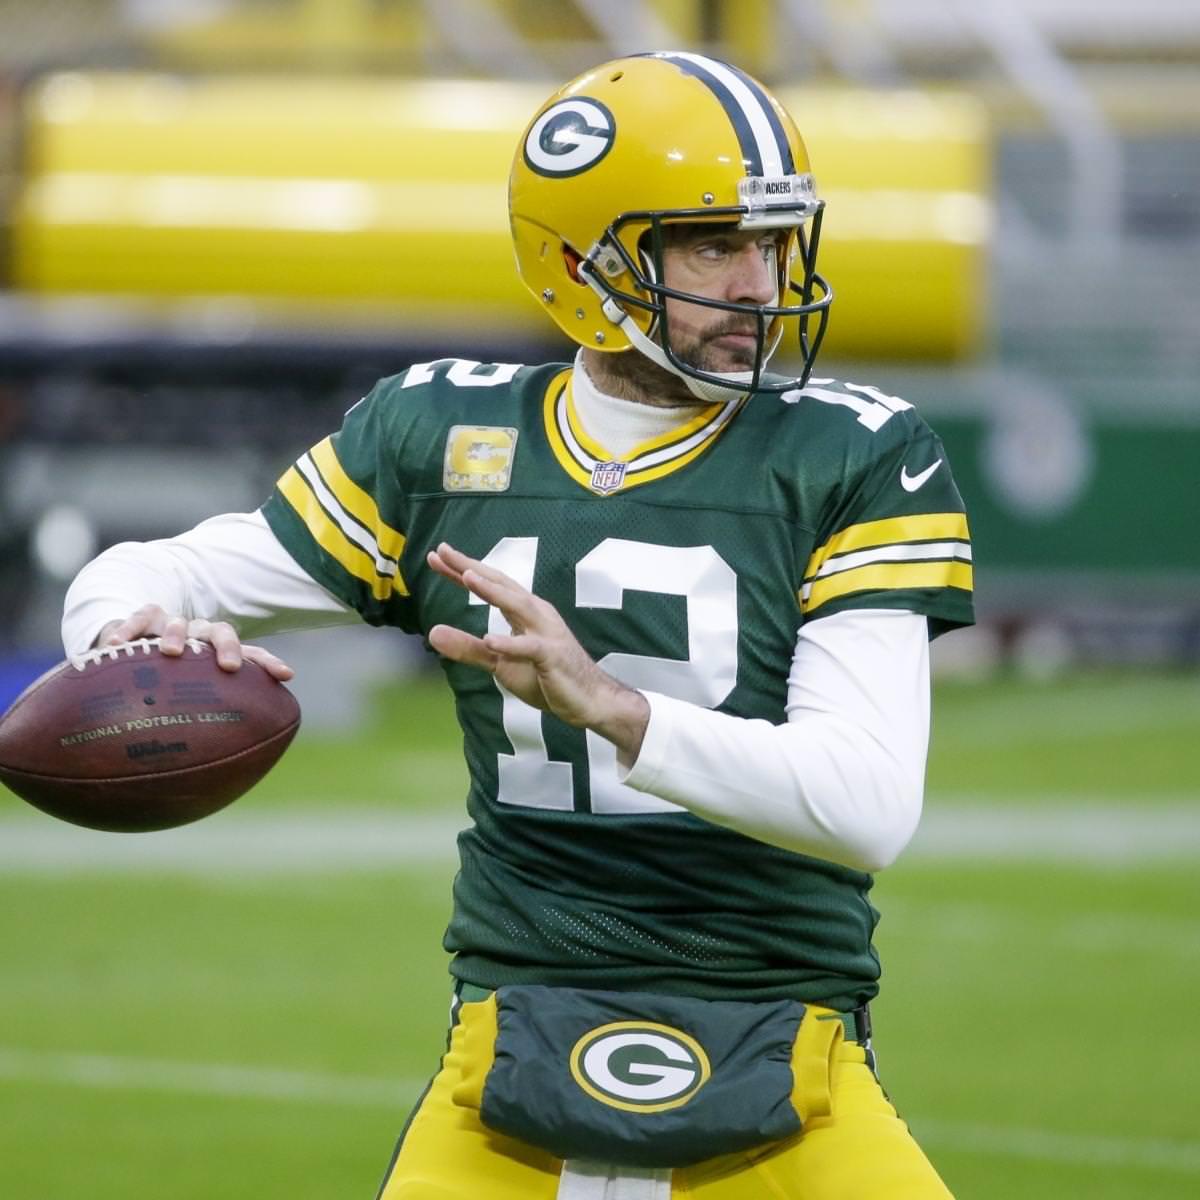 Aaron Rodgers do Packers não vai buscar emprego de radiodifusão após se aposentar da NFL